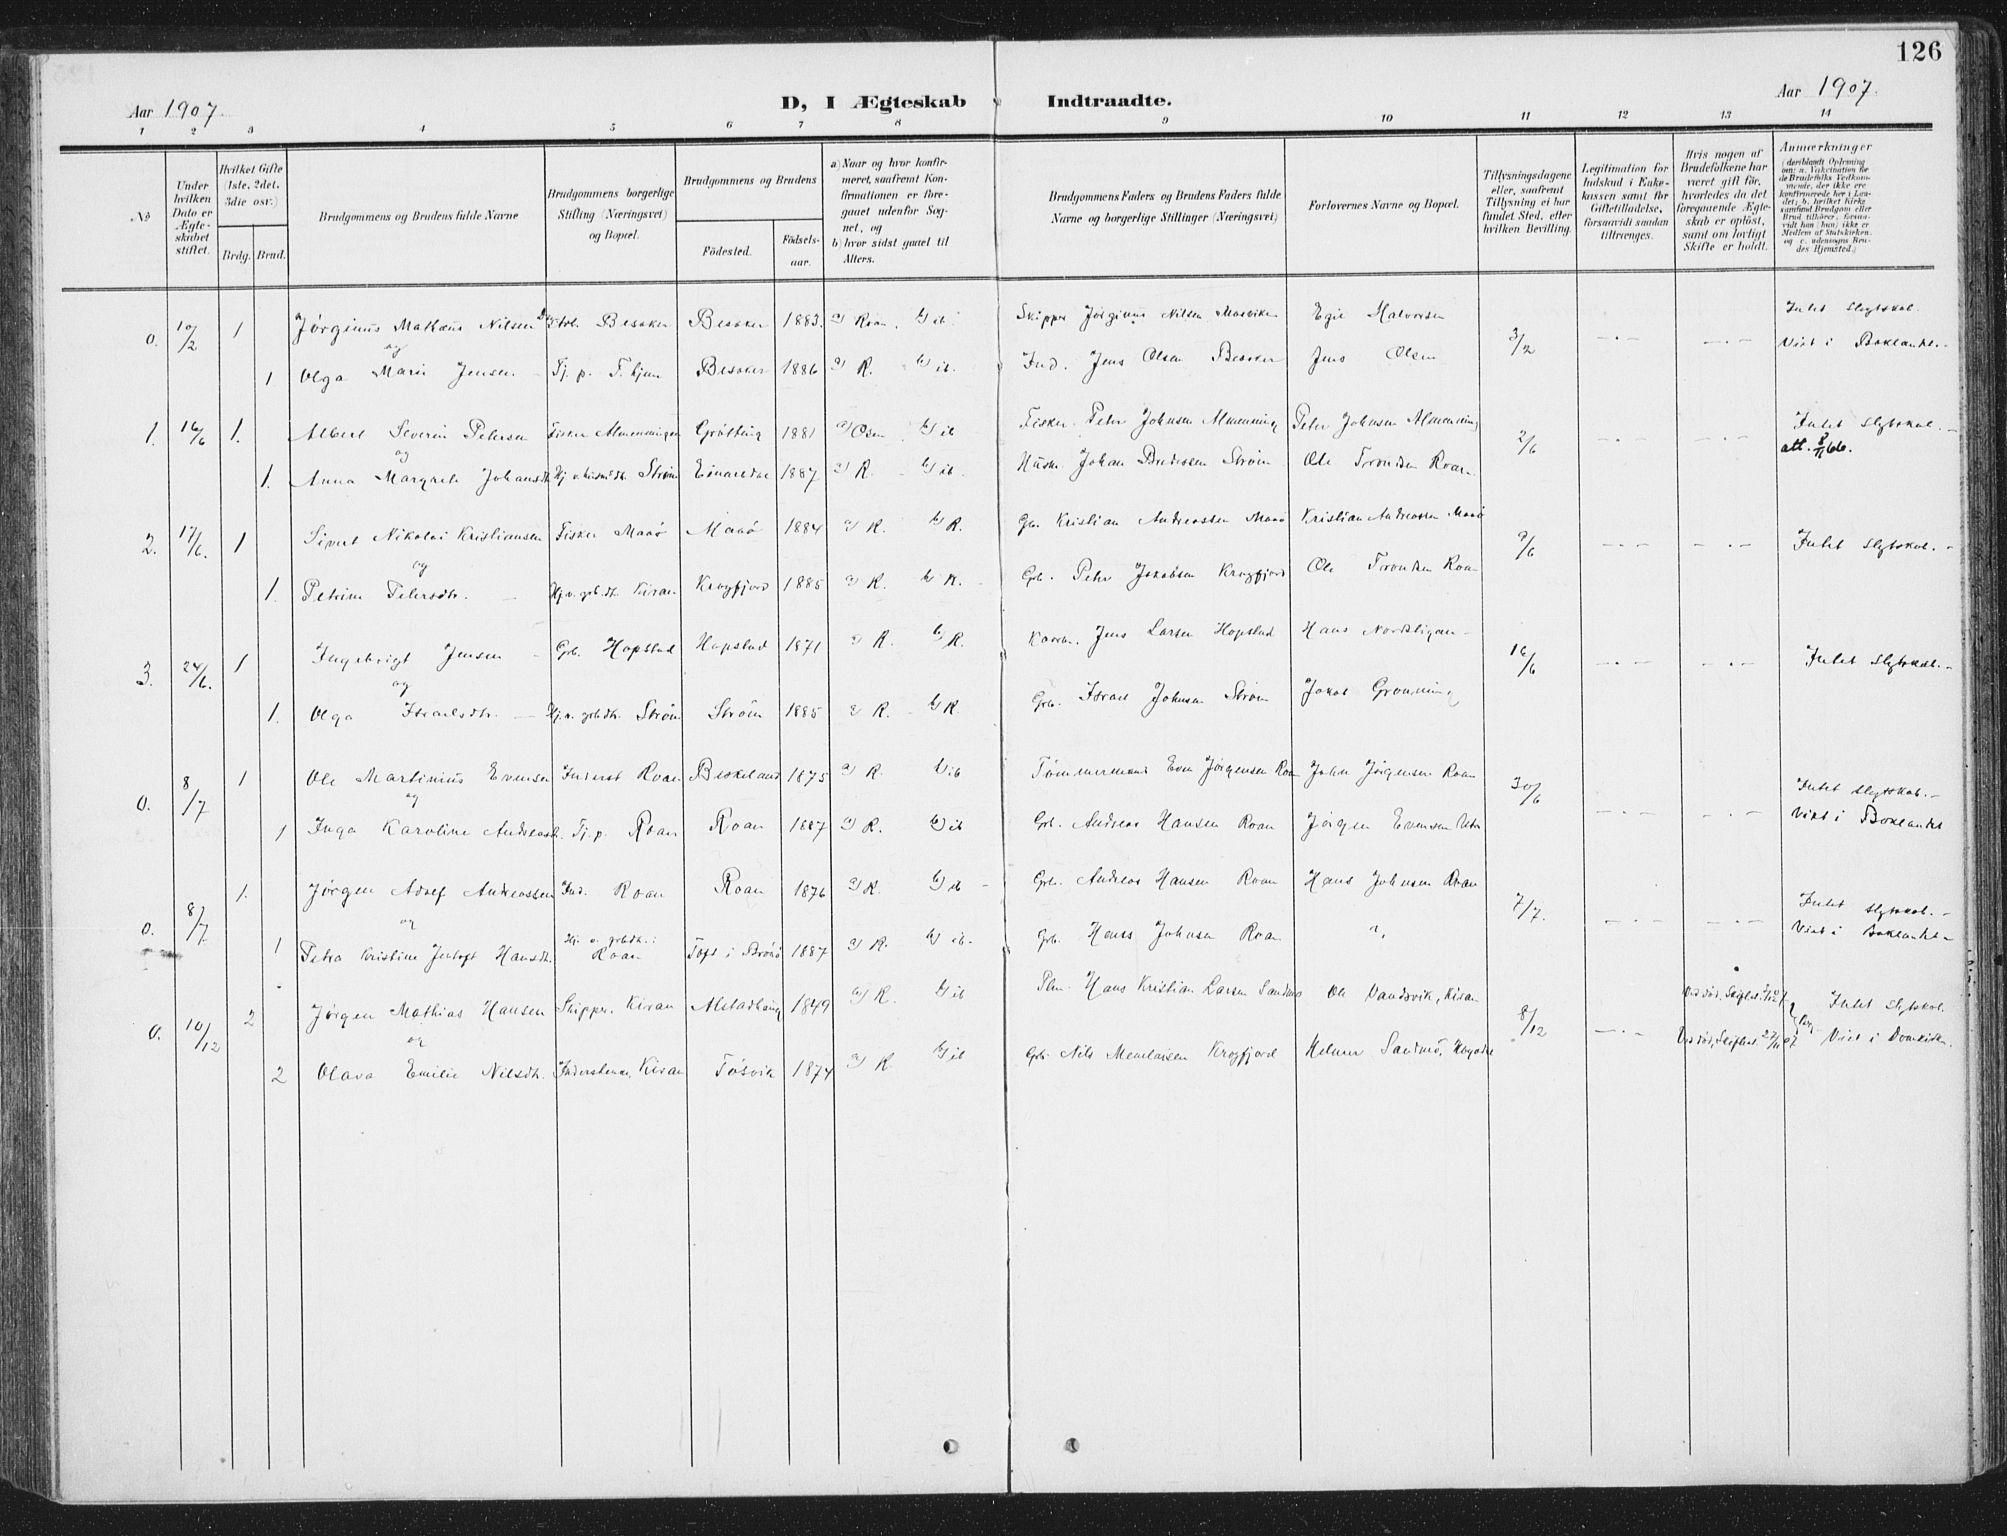 SAT, Ministerialprotokoller, klokkerbøker og fødselsregistre - Sør-Trøndelag, 657/L0709: Ministerialbok nr. 657A10, 1905-1919, s. 126